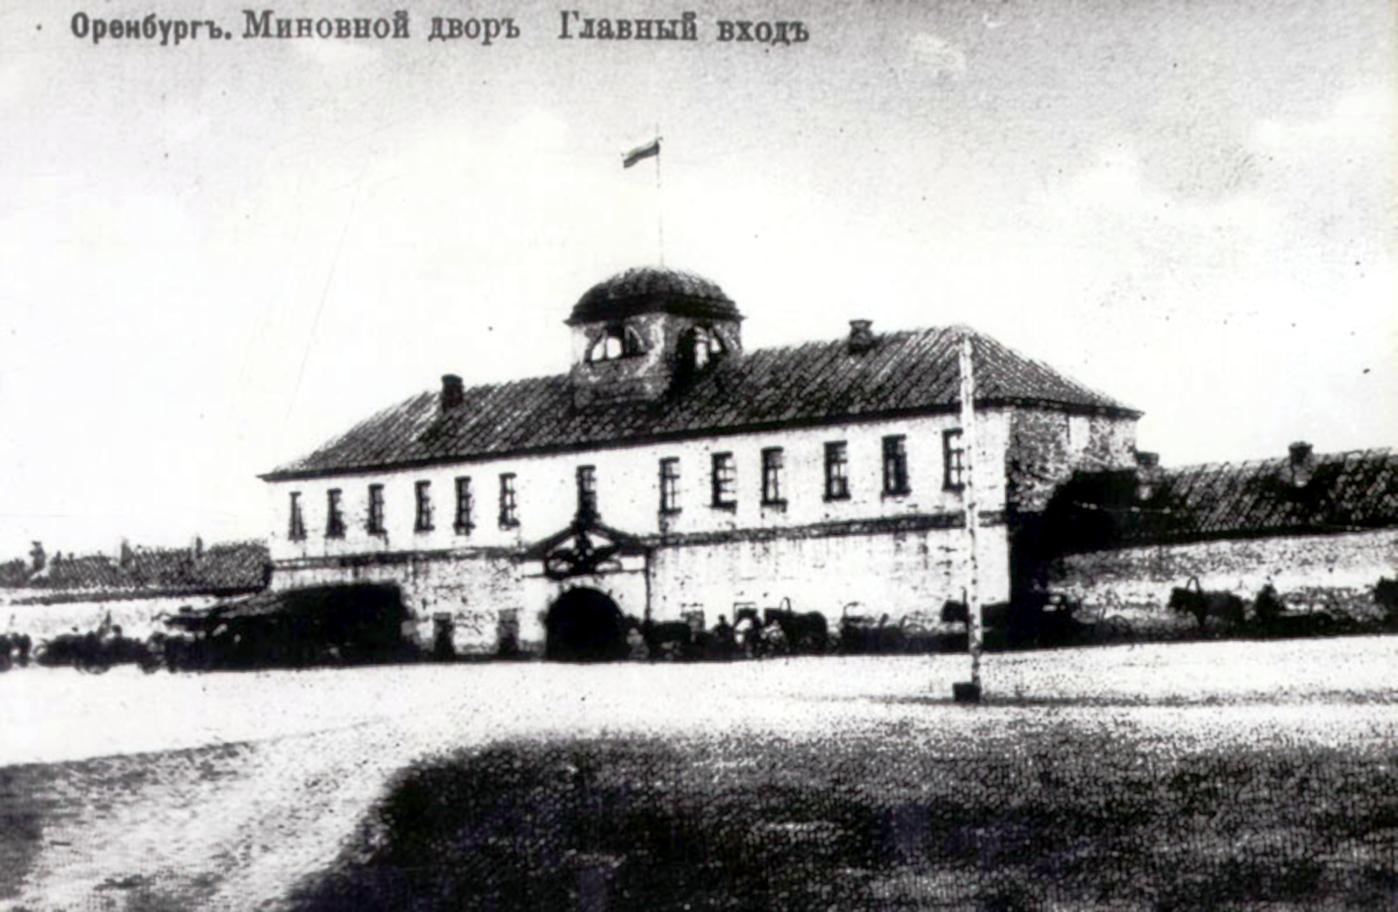 Меновой двор Главный вход